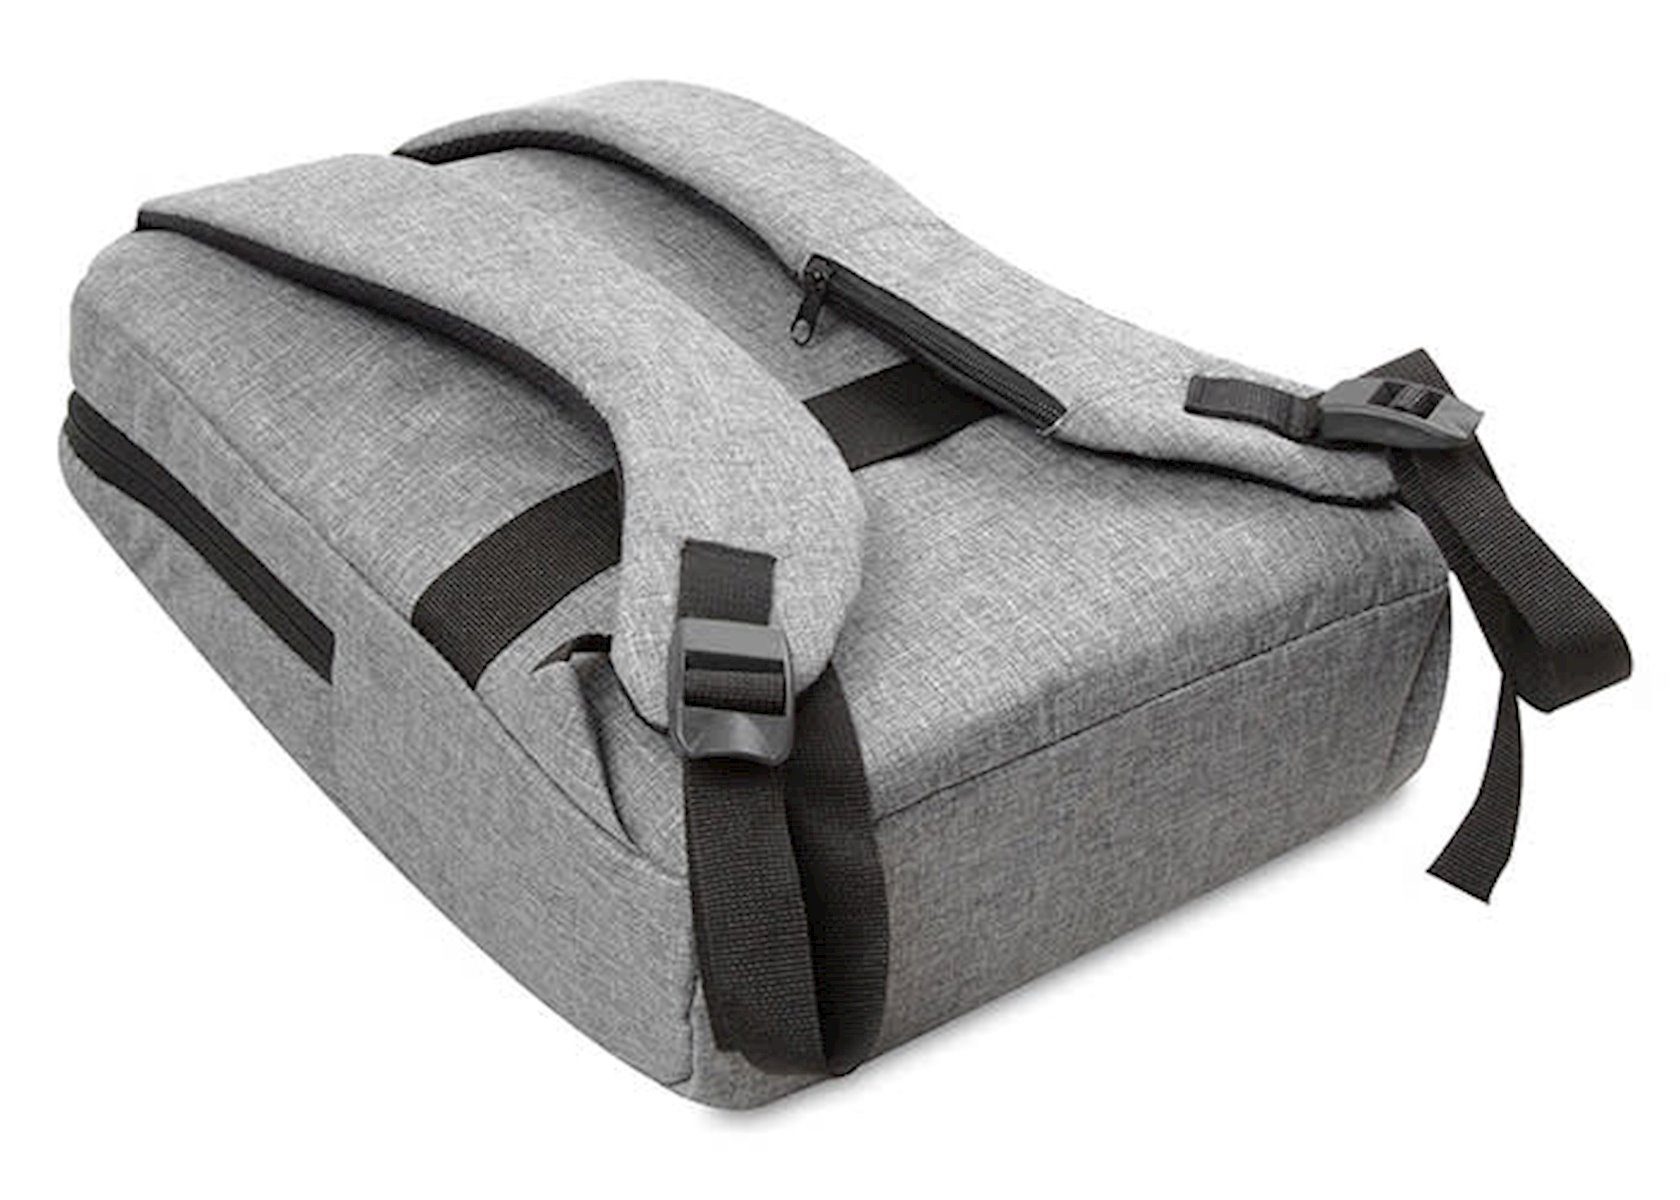 Noutbuk üçün bel çantası Addison 300448 15.6 inch Gray